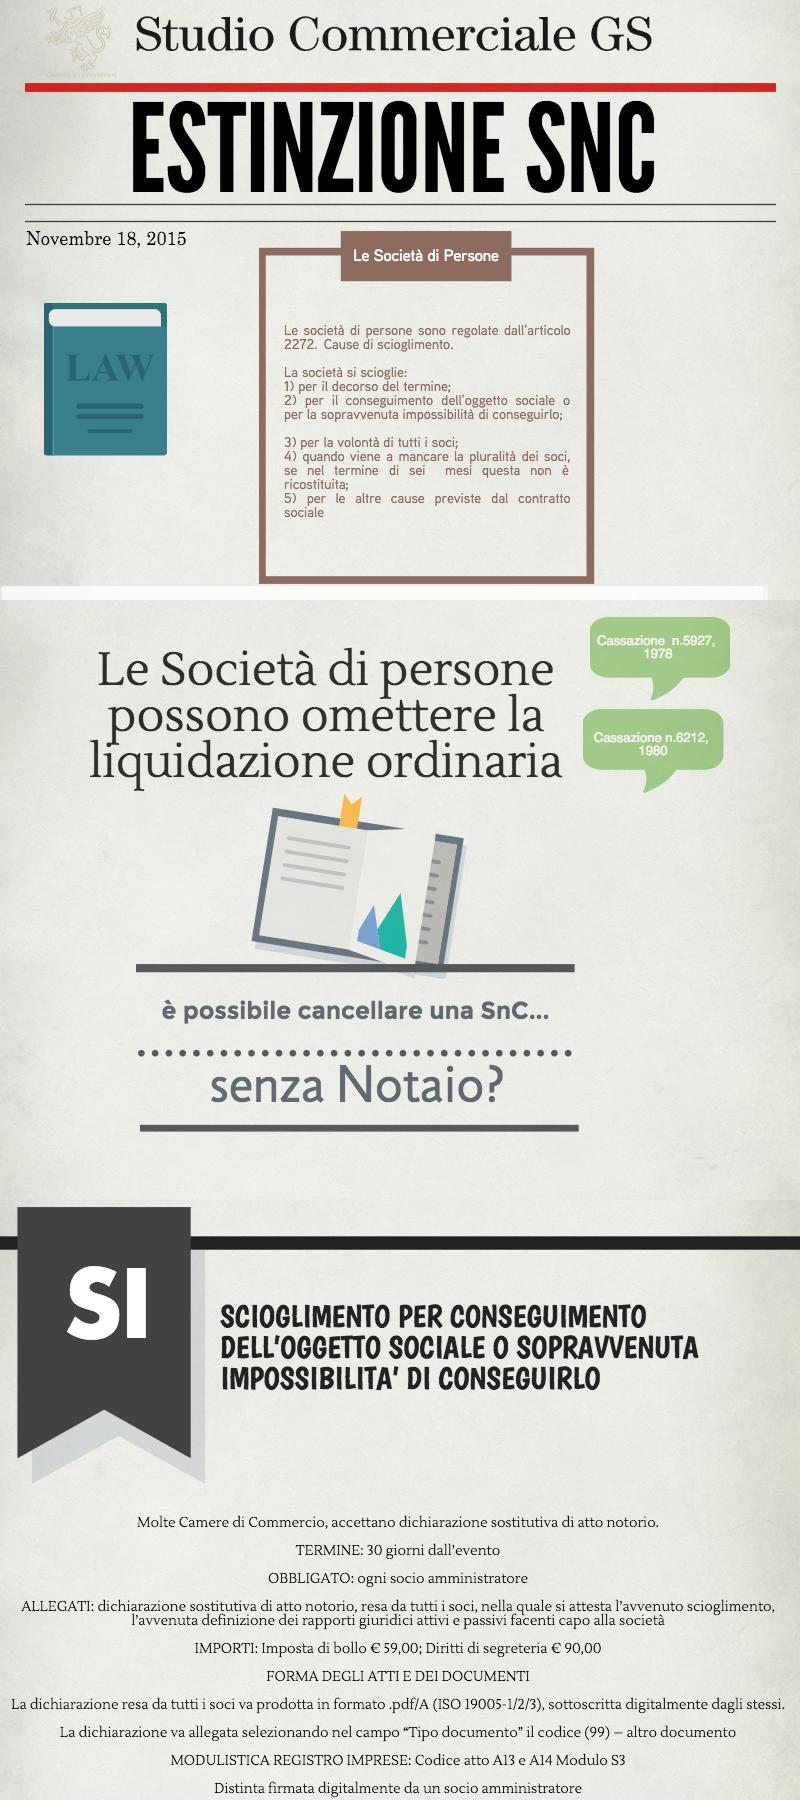 Infografica Società nome collettivo